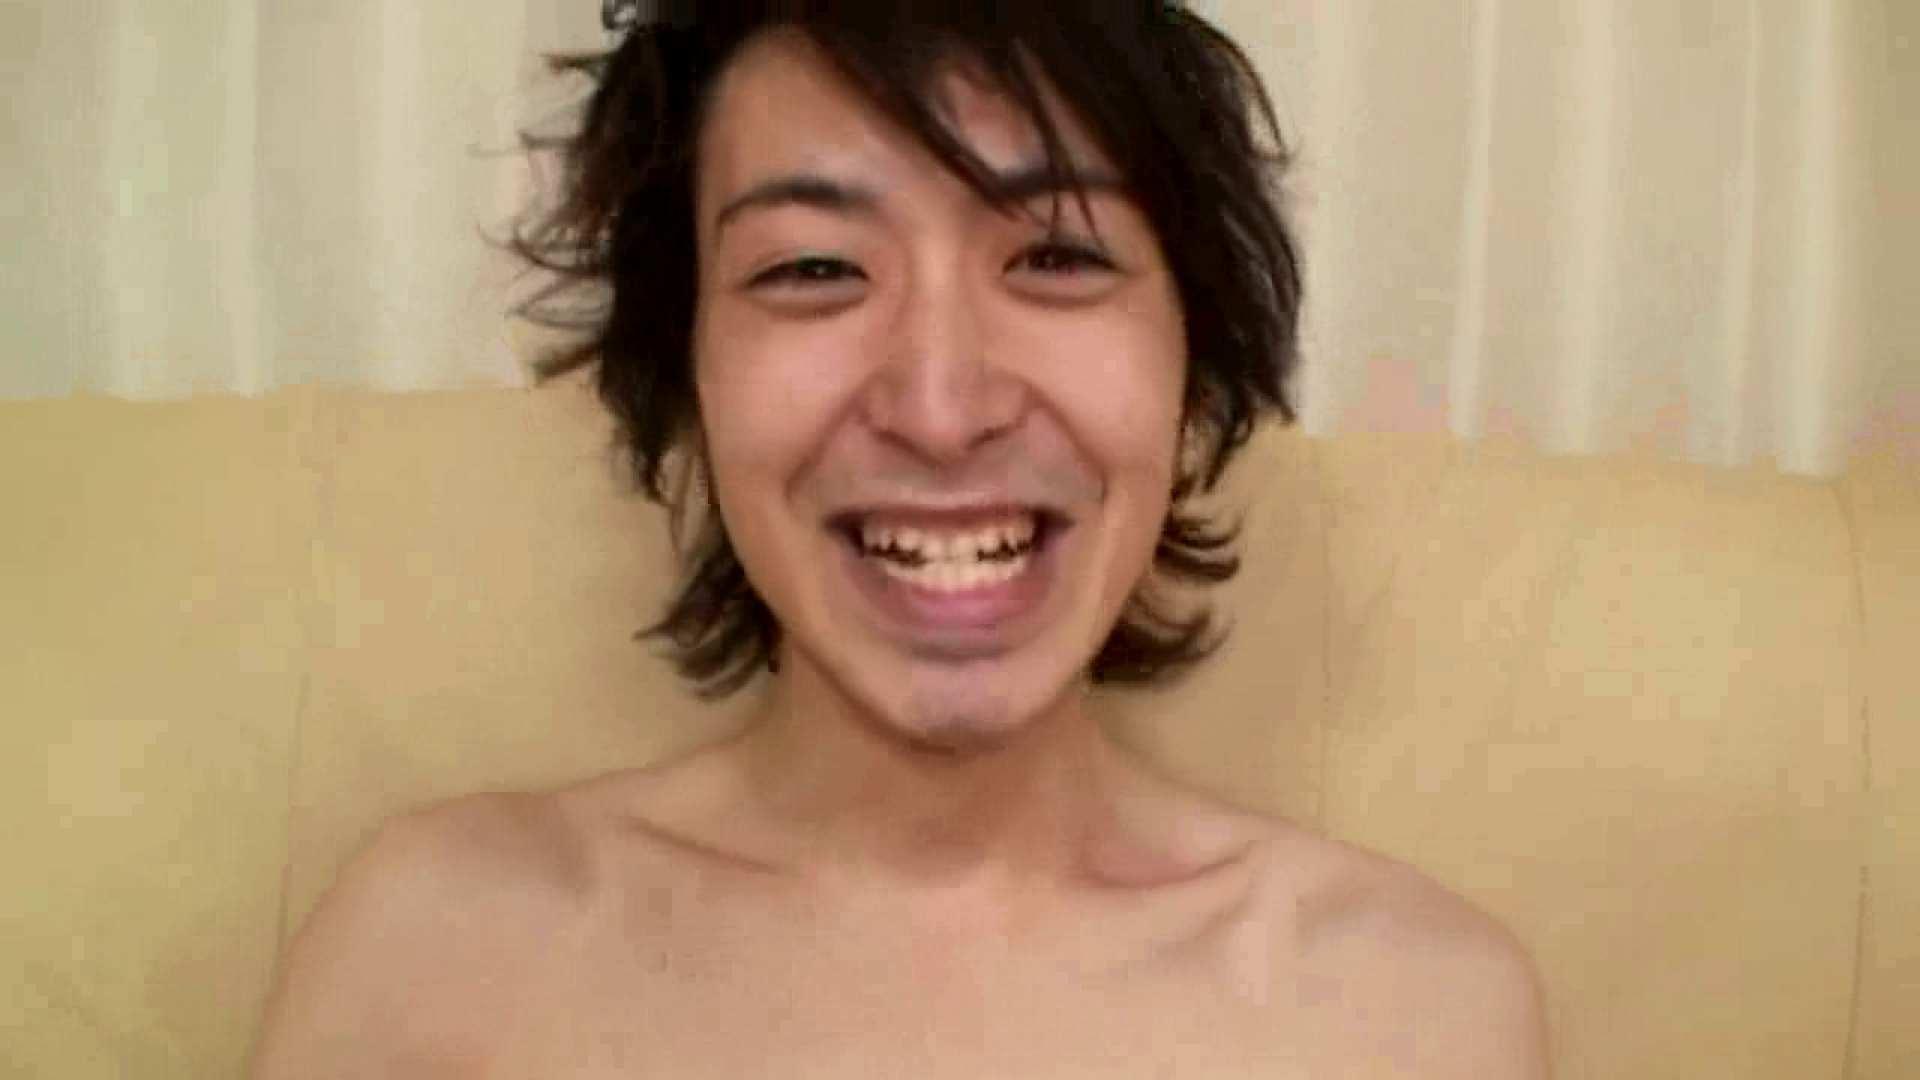 ノンケ!自慰スタジオ No.21 ノンケ一筋 ゲイヌード画像 107pic 57